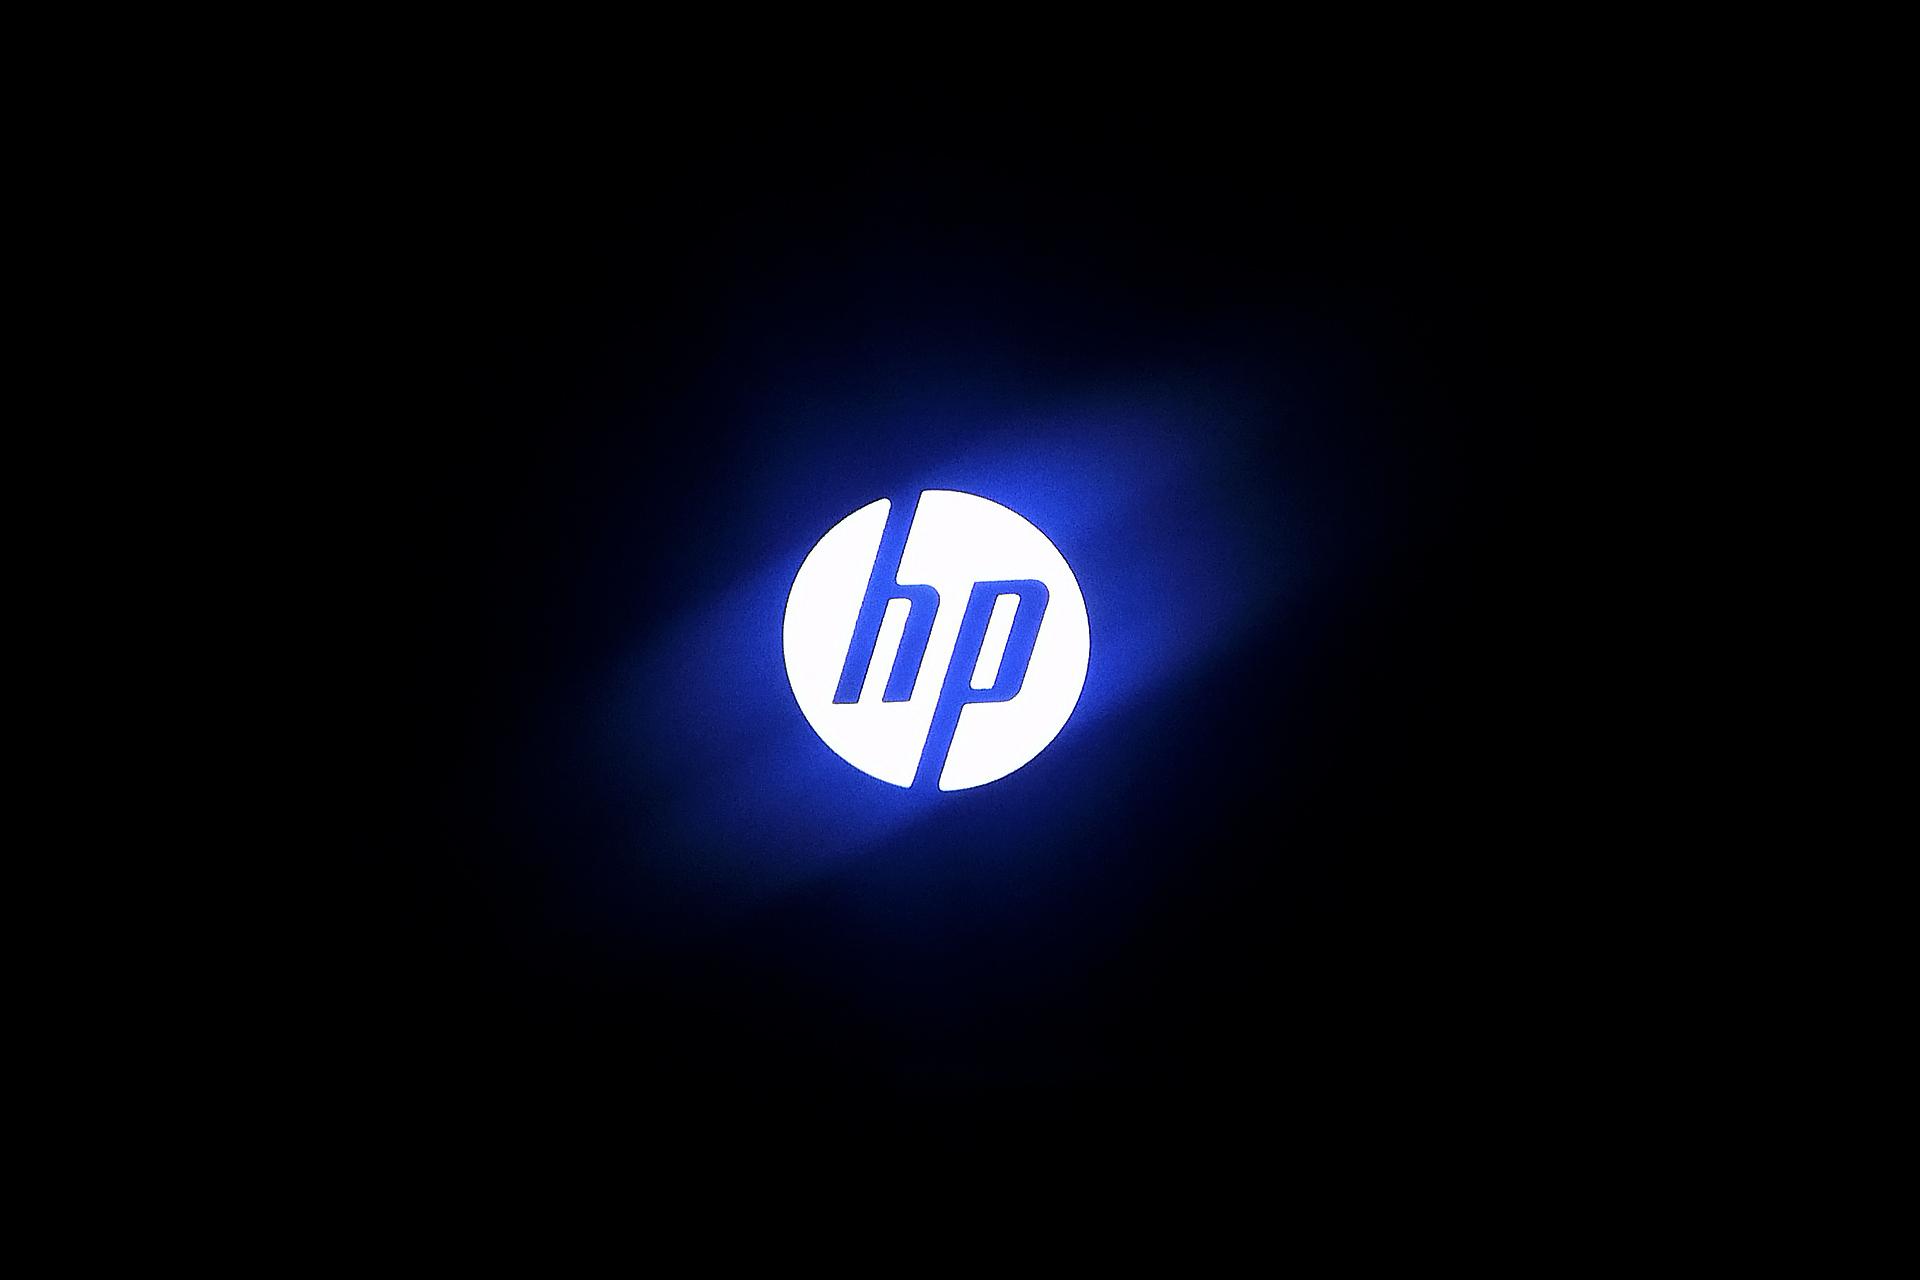 HP-ն 1 մլրդ ԱՄՆ դոլար է ներդնում ամպային ծառայությունների ոլորտում